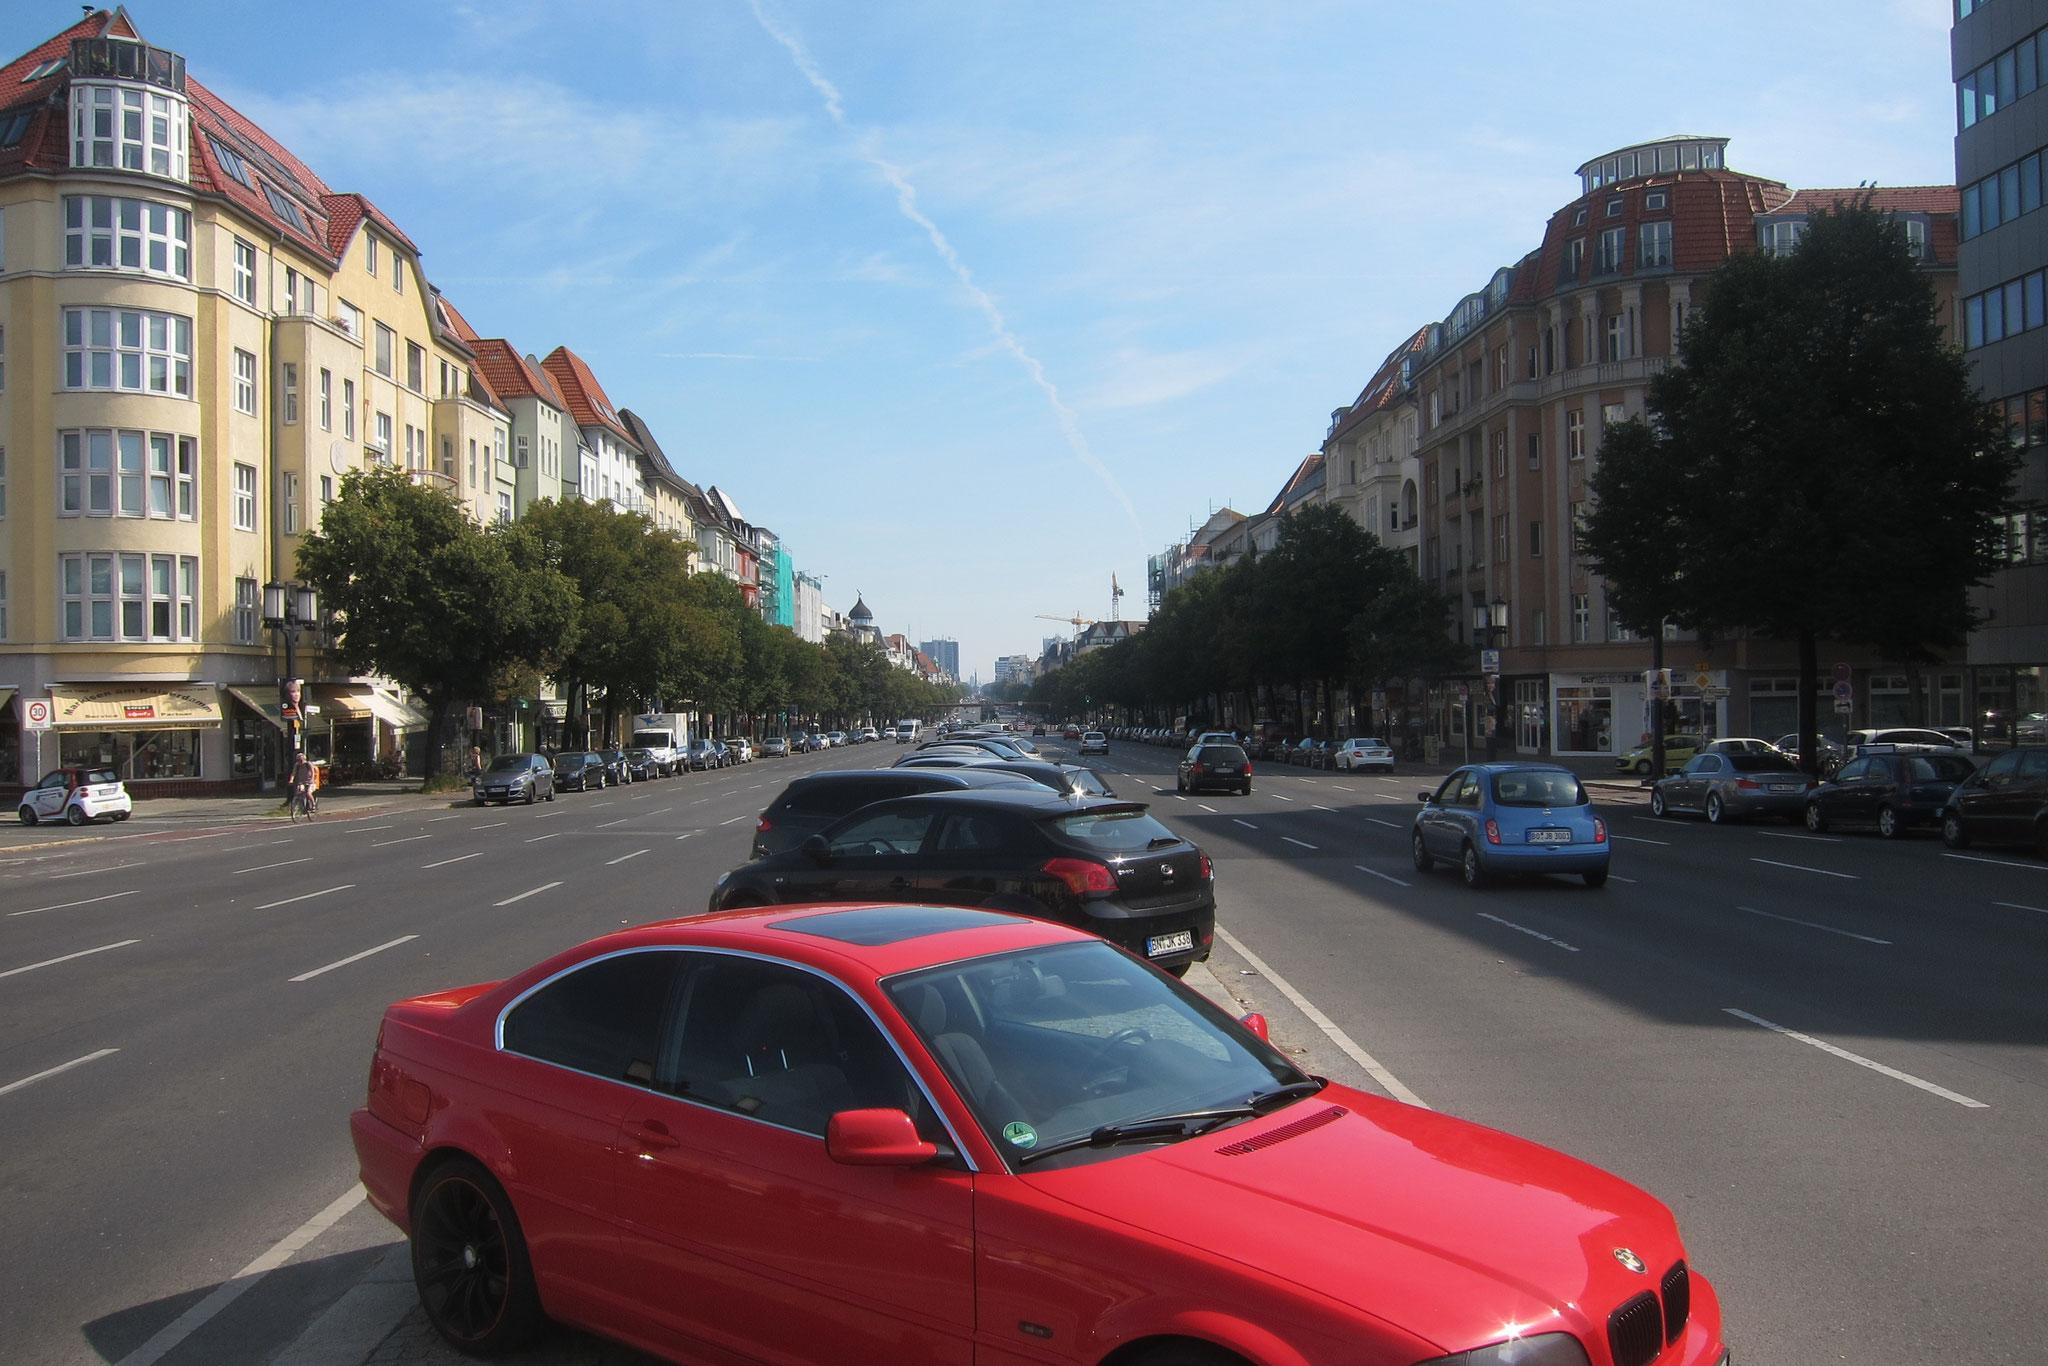 Der Kaiserdamm ist eine der wichtigsten Verkehrsachsen in Berlin.